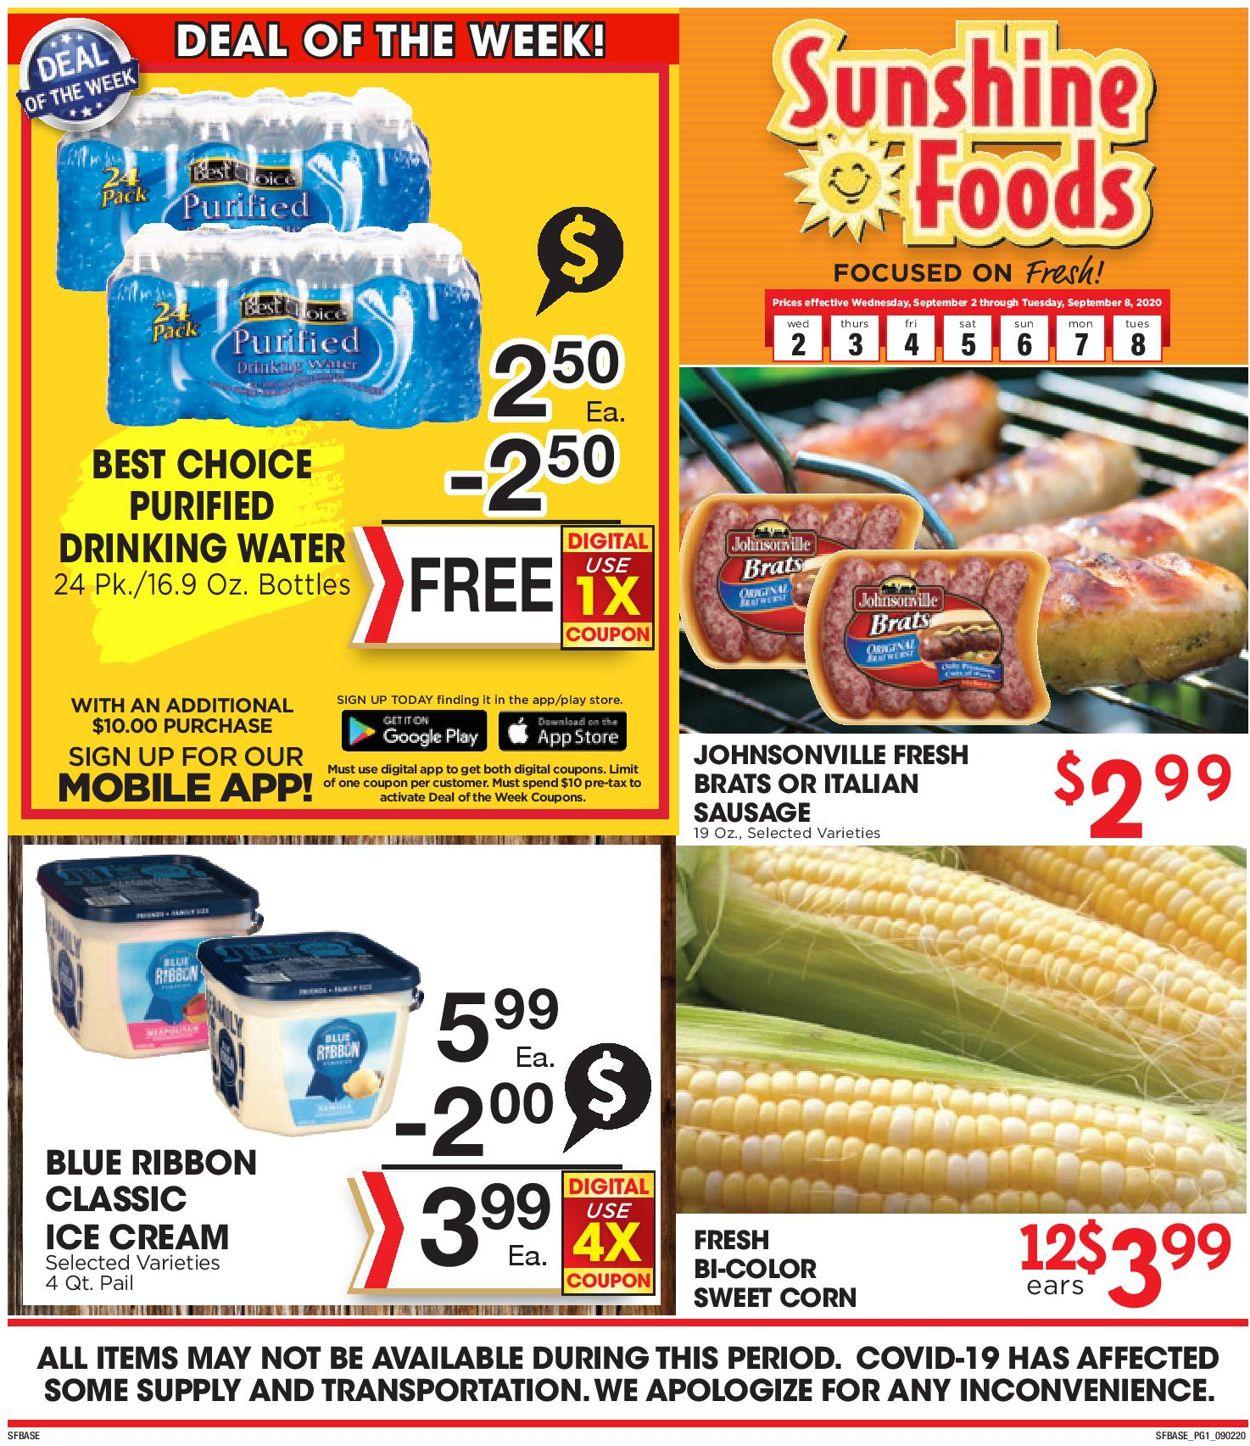 Sunshine Foods Weekly Ad Circular - valid 09/02-09/08/2020